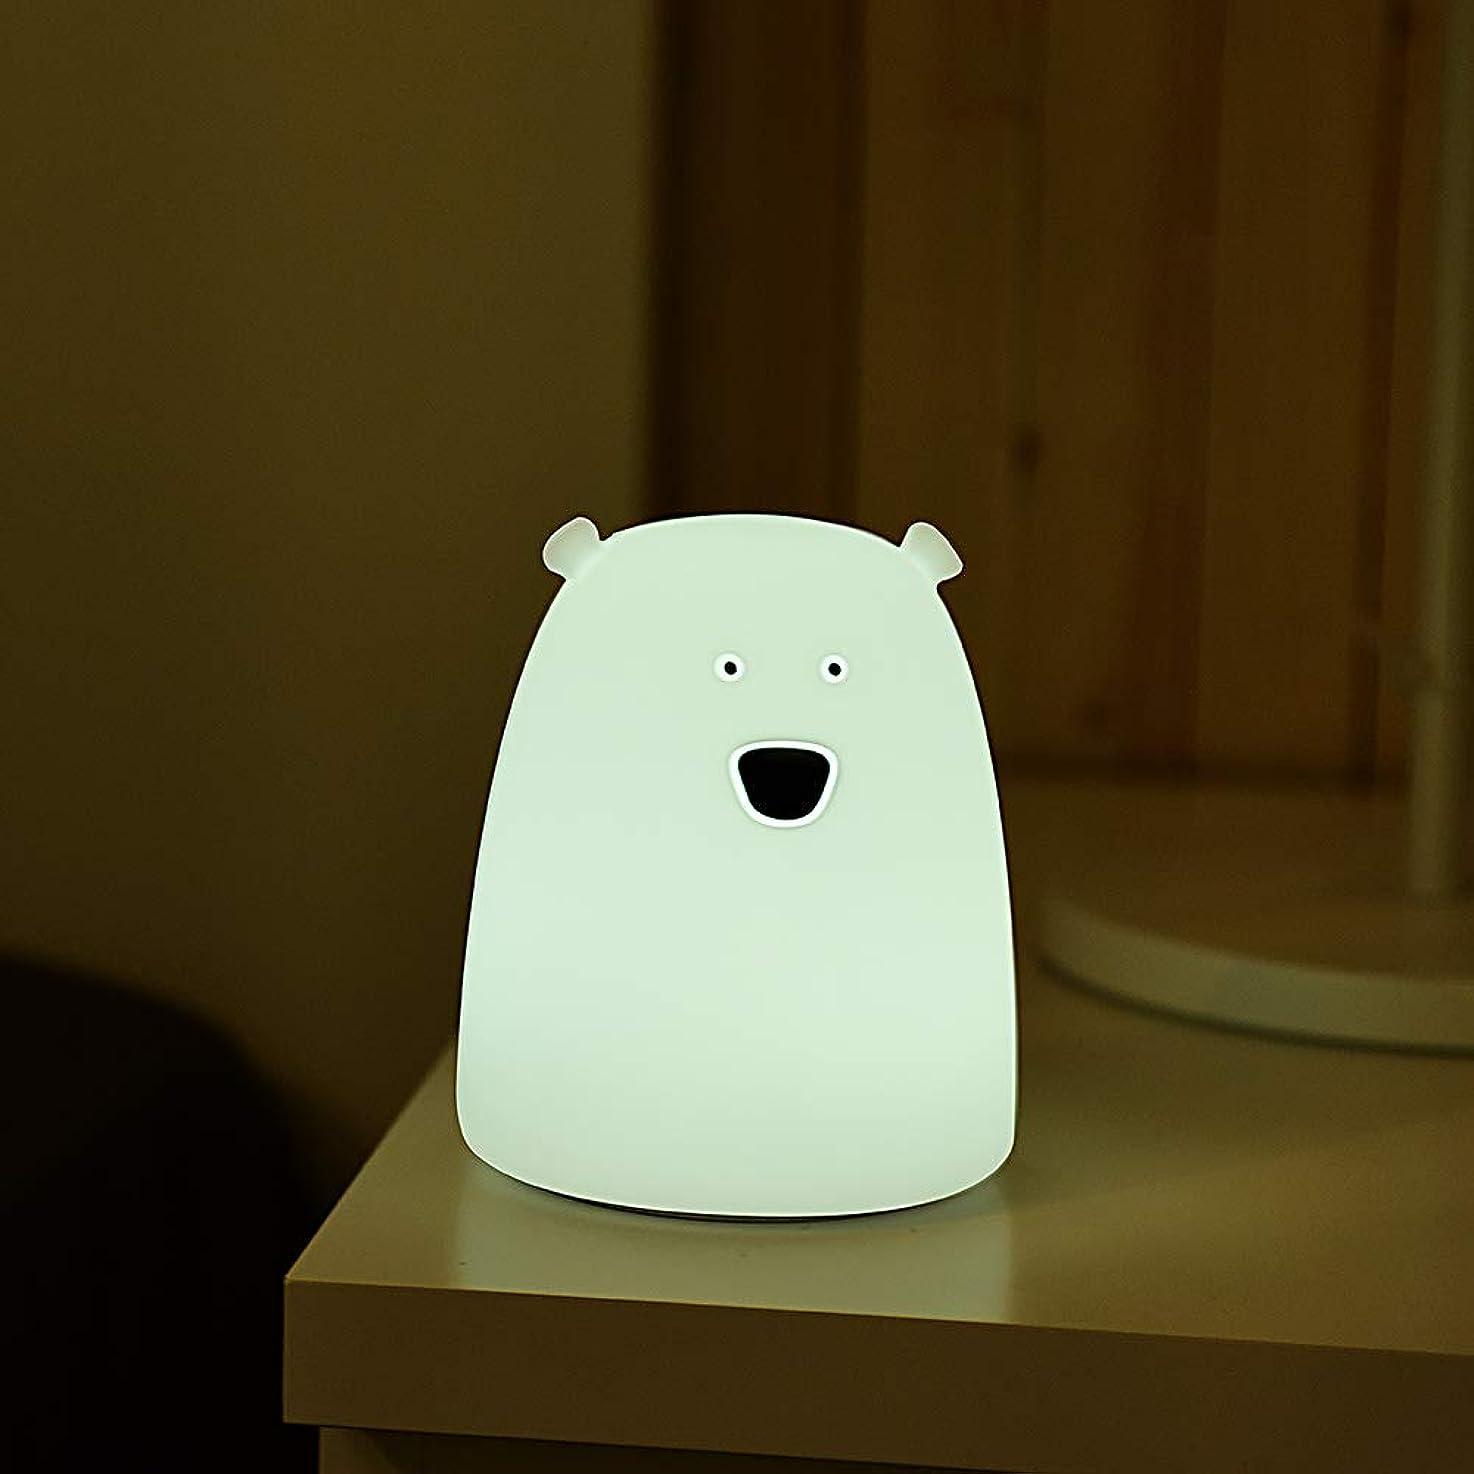 認証接続された常習者Scheam ナイトライト ベッドサイドランプ萌え萌えくま LEDバッテリー タッチ式100時間連続稼働 色温度/明るさ調整可コンパクト プレゼントに 授乳ライト常夜灯 White